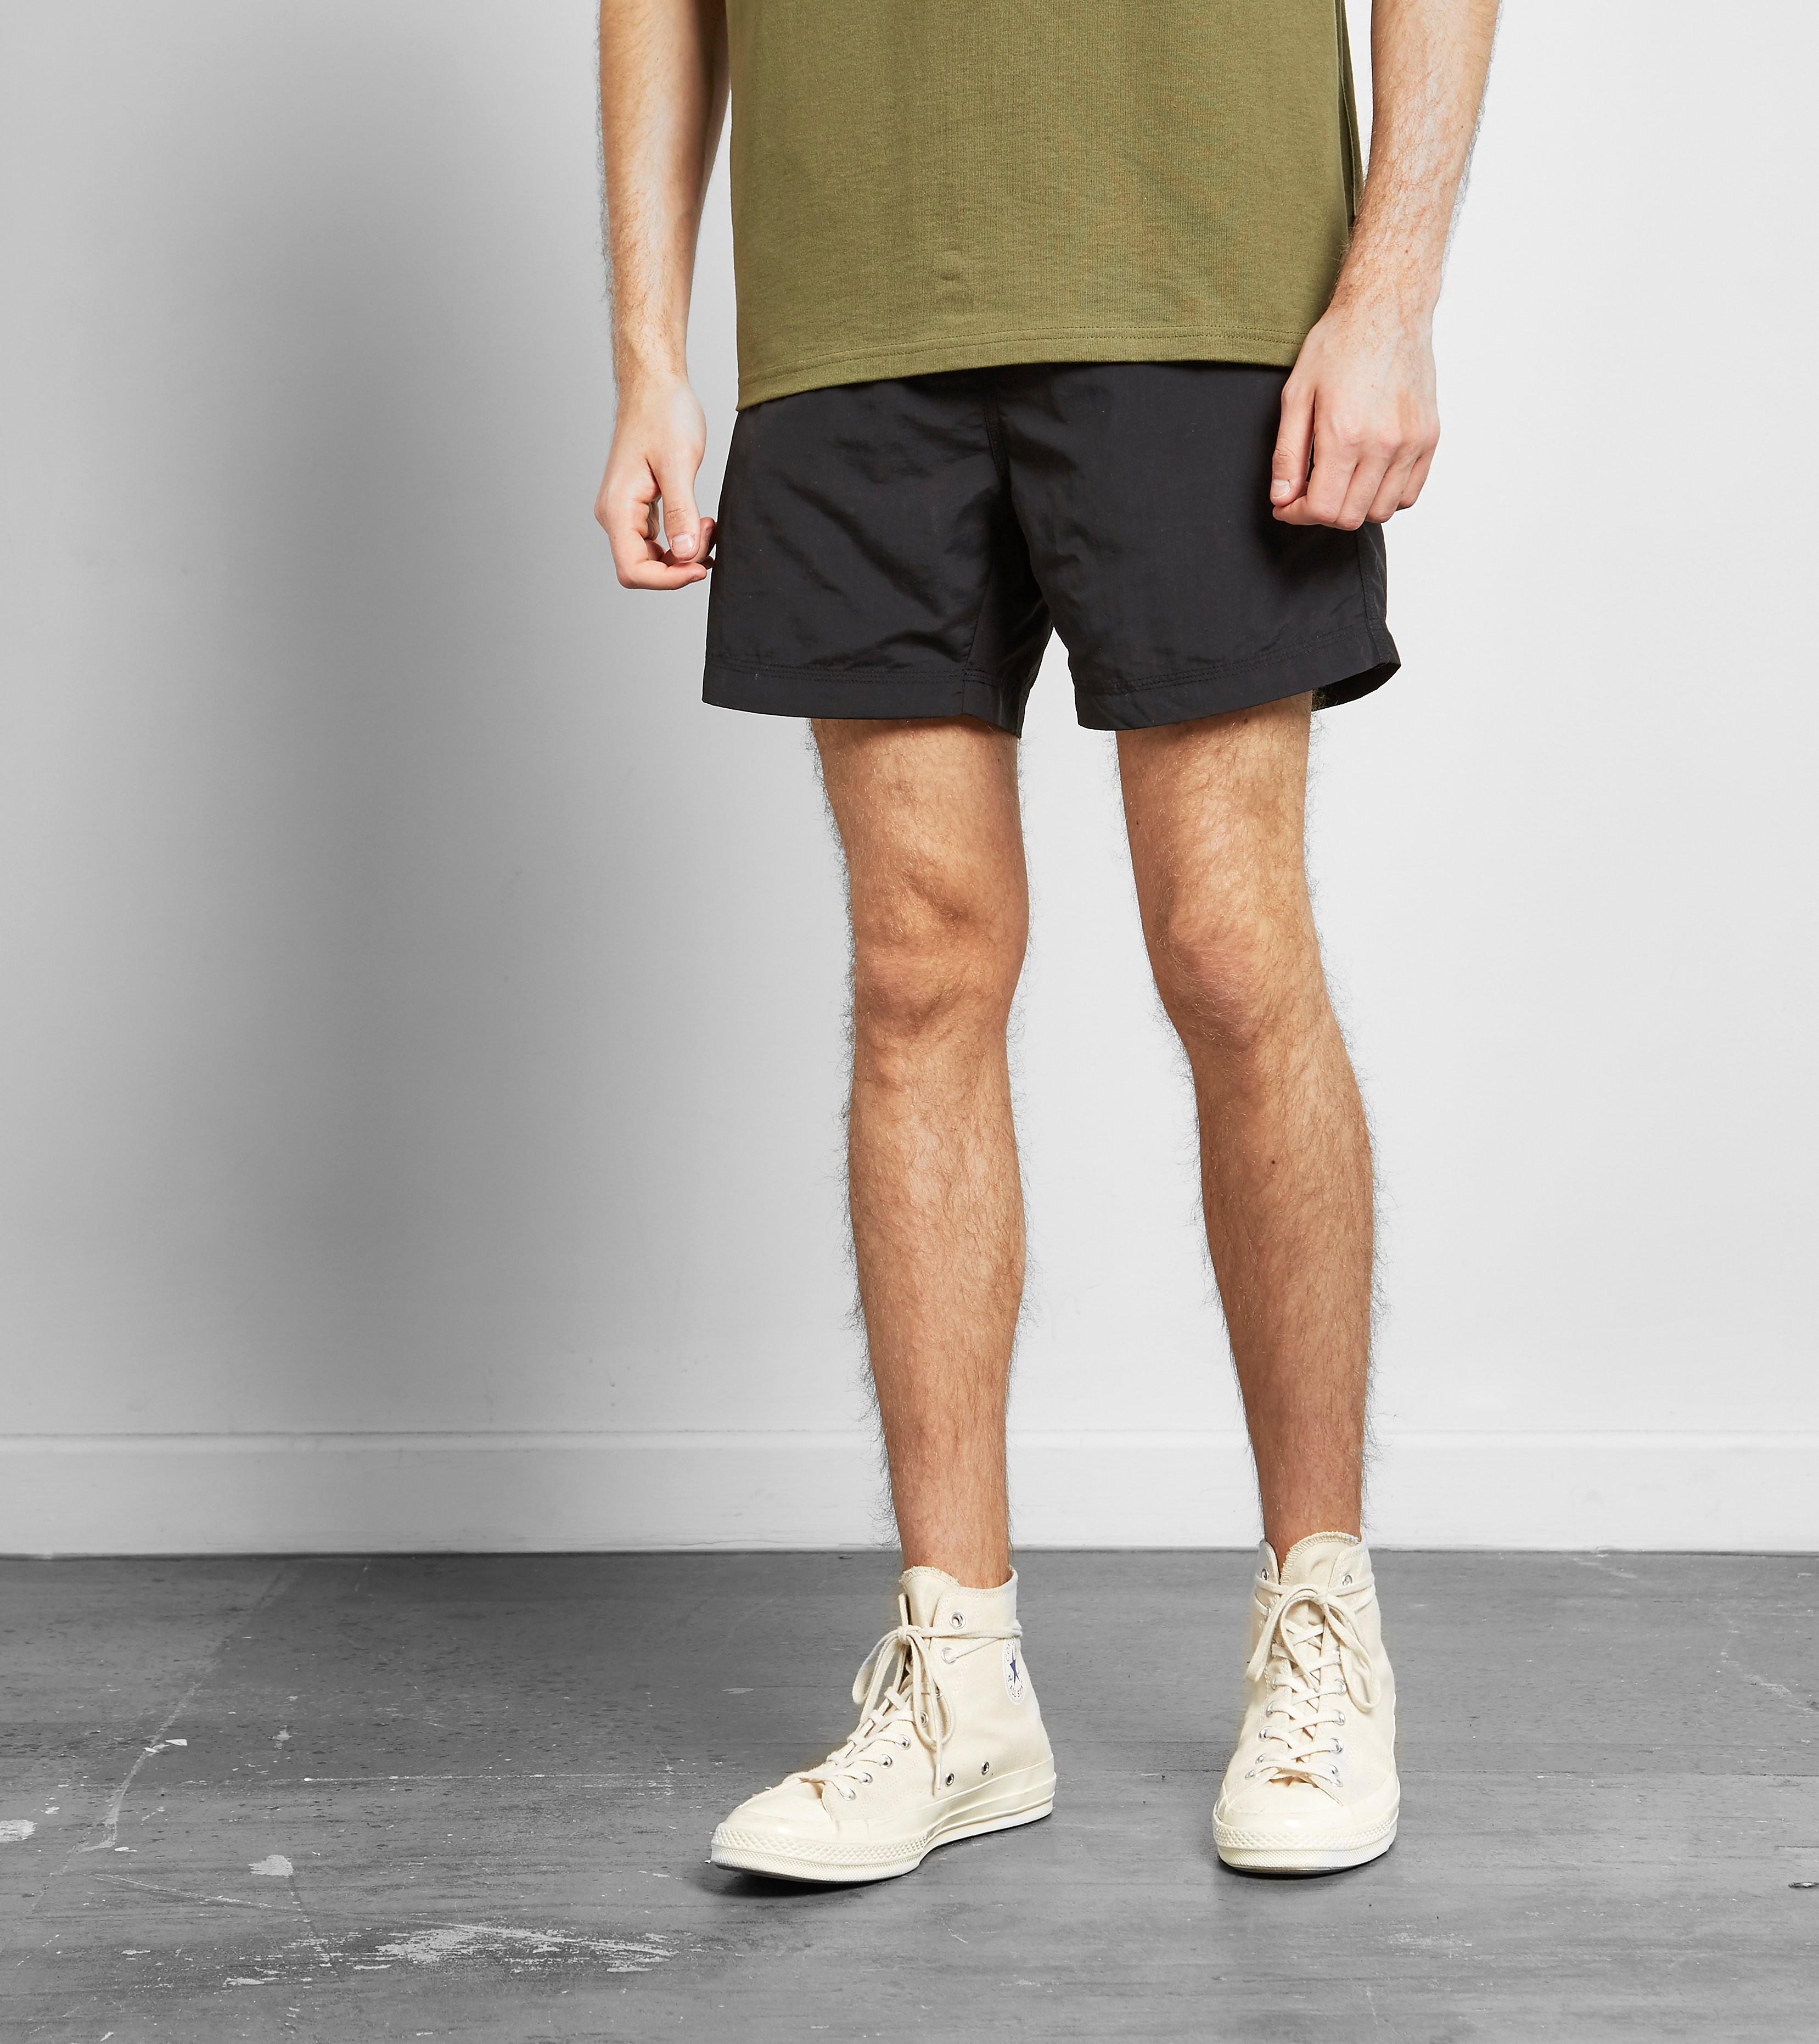 Carhartt WIP Drift Shorts